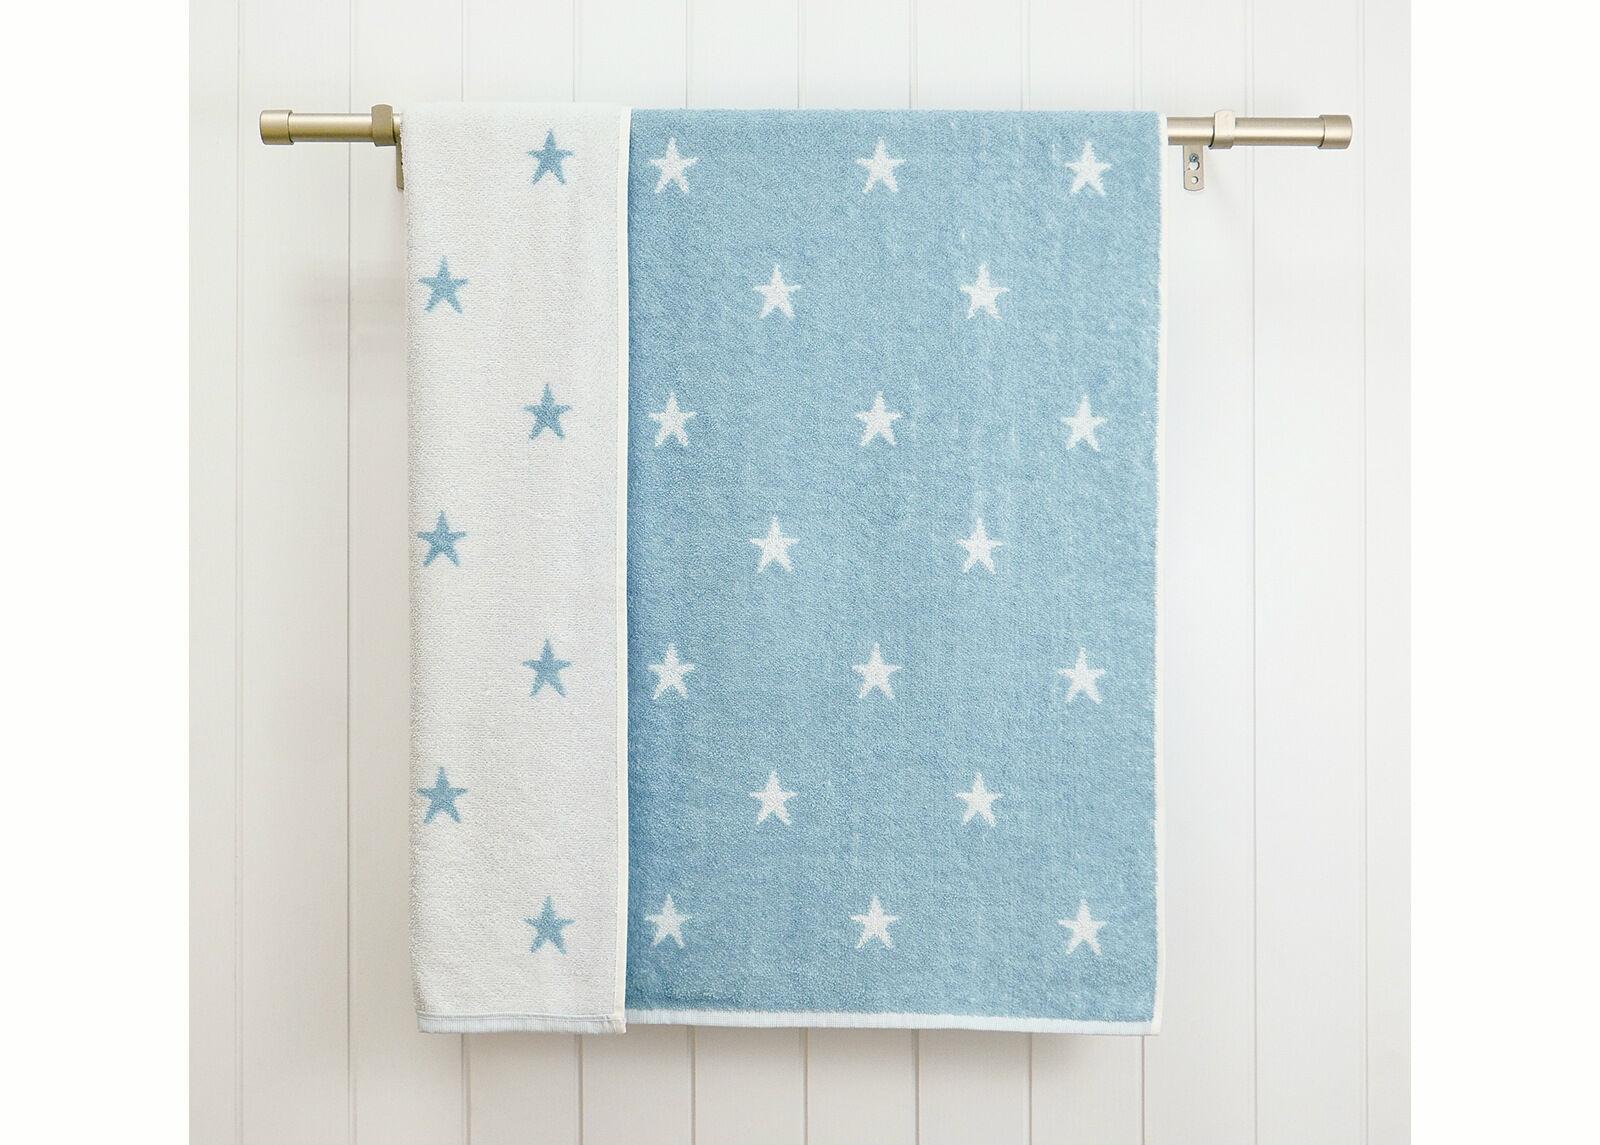 ARDENZA BABY Froteepyyhkeet Stars, 2 kpl sininen